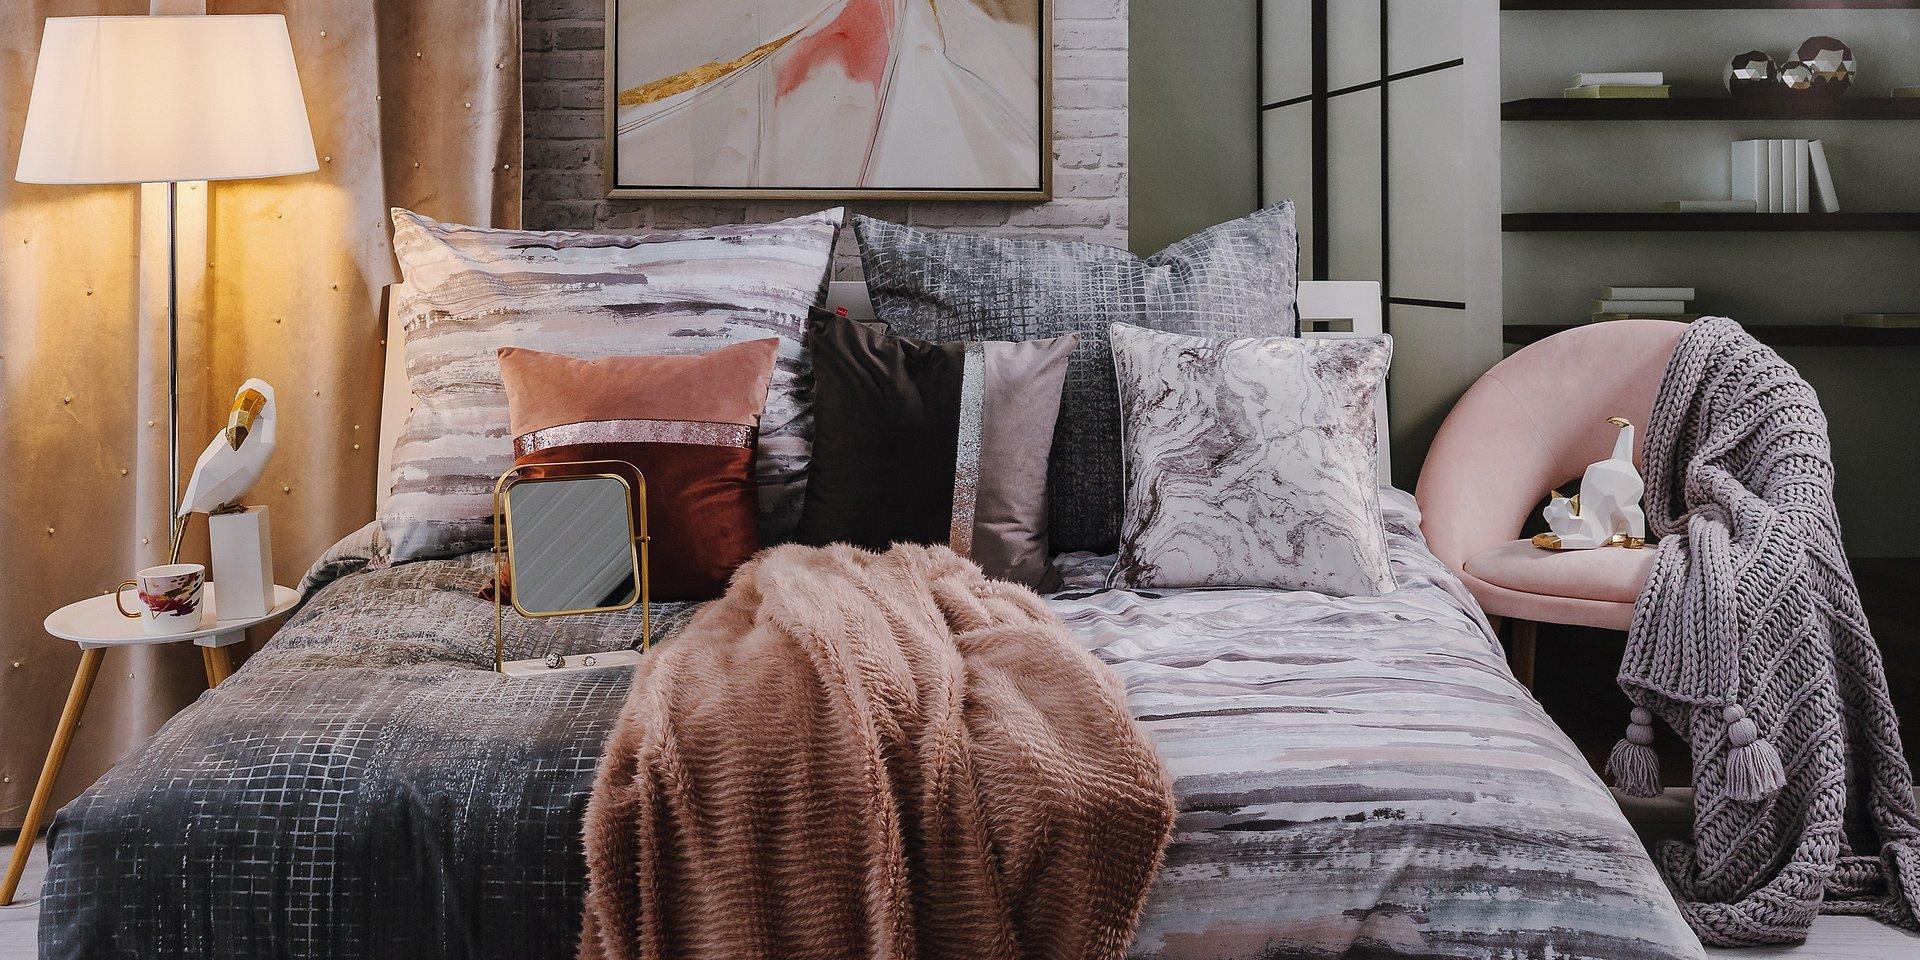 Nowoczesna, zmysłowa i elegancka – limitowana kolekcja home&you w stylu new glamour